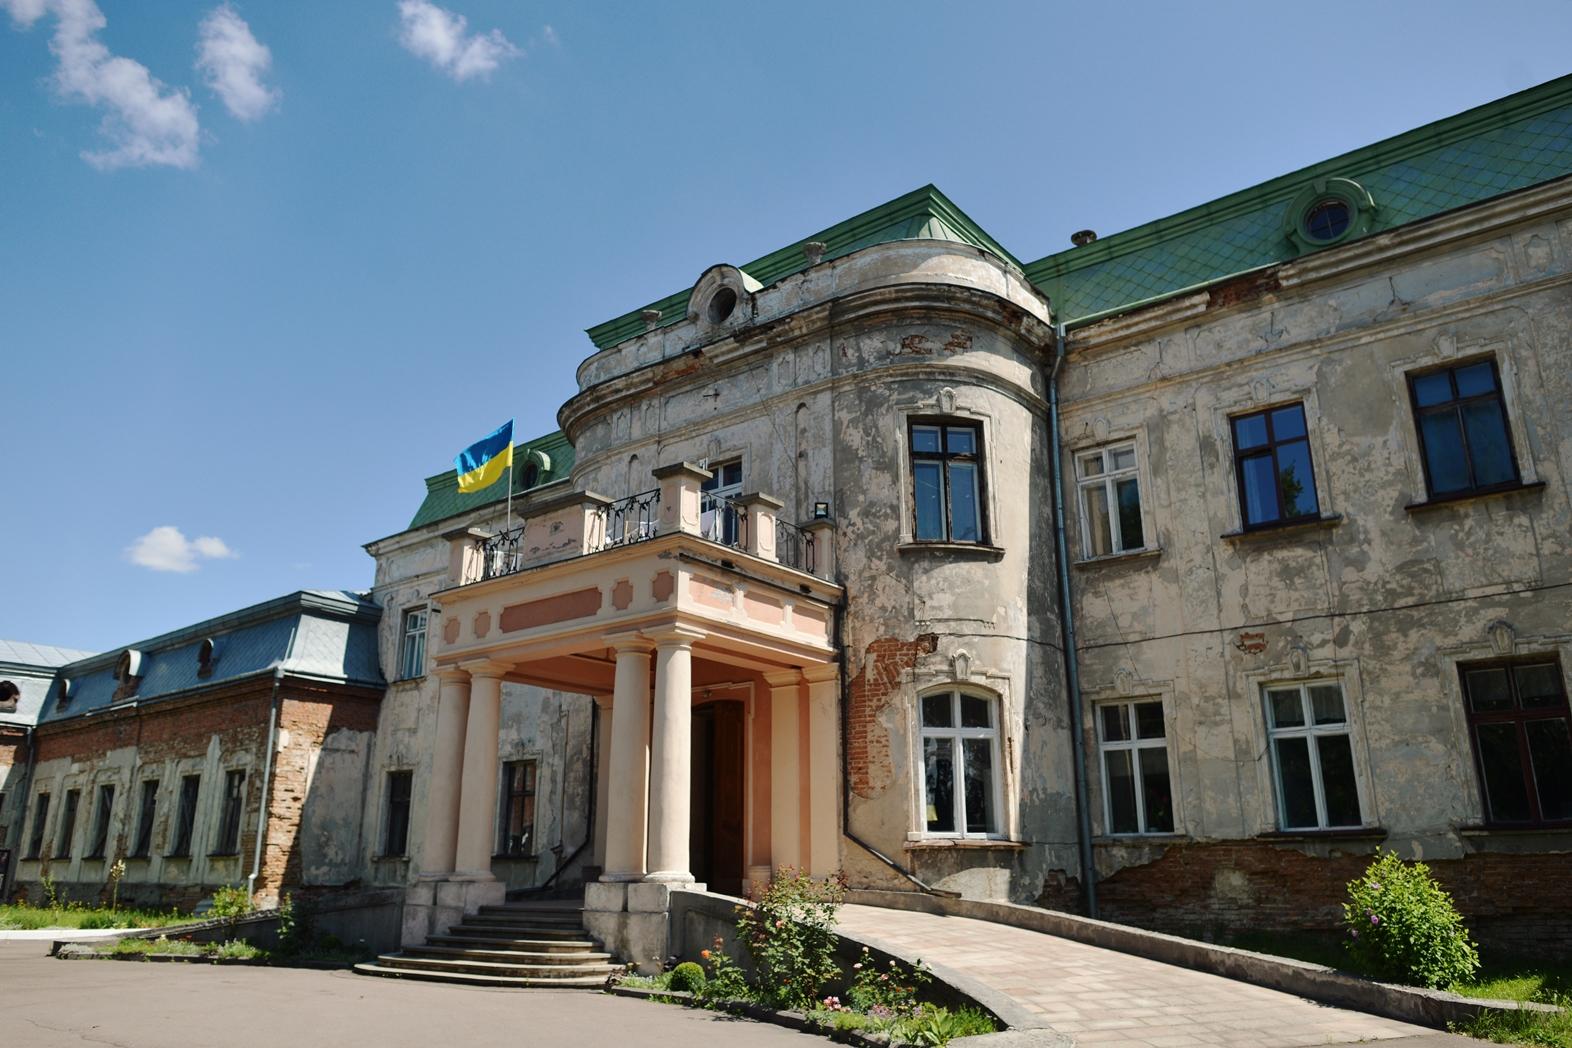 Червоноградський музей історії релігії відсвяткував свій 40-річний ювілей